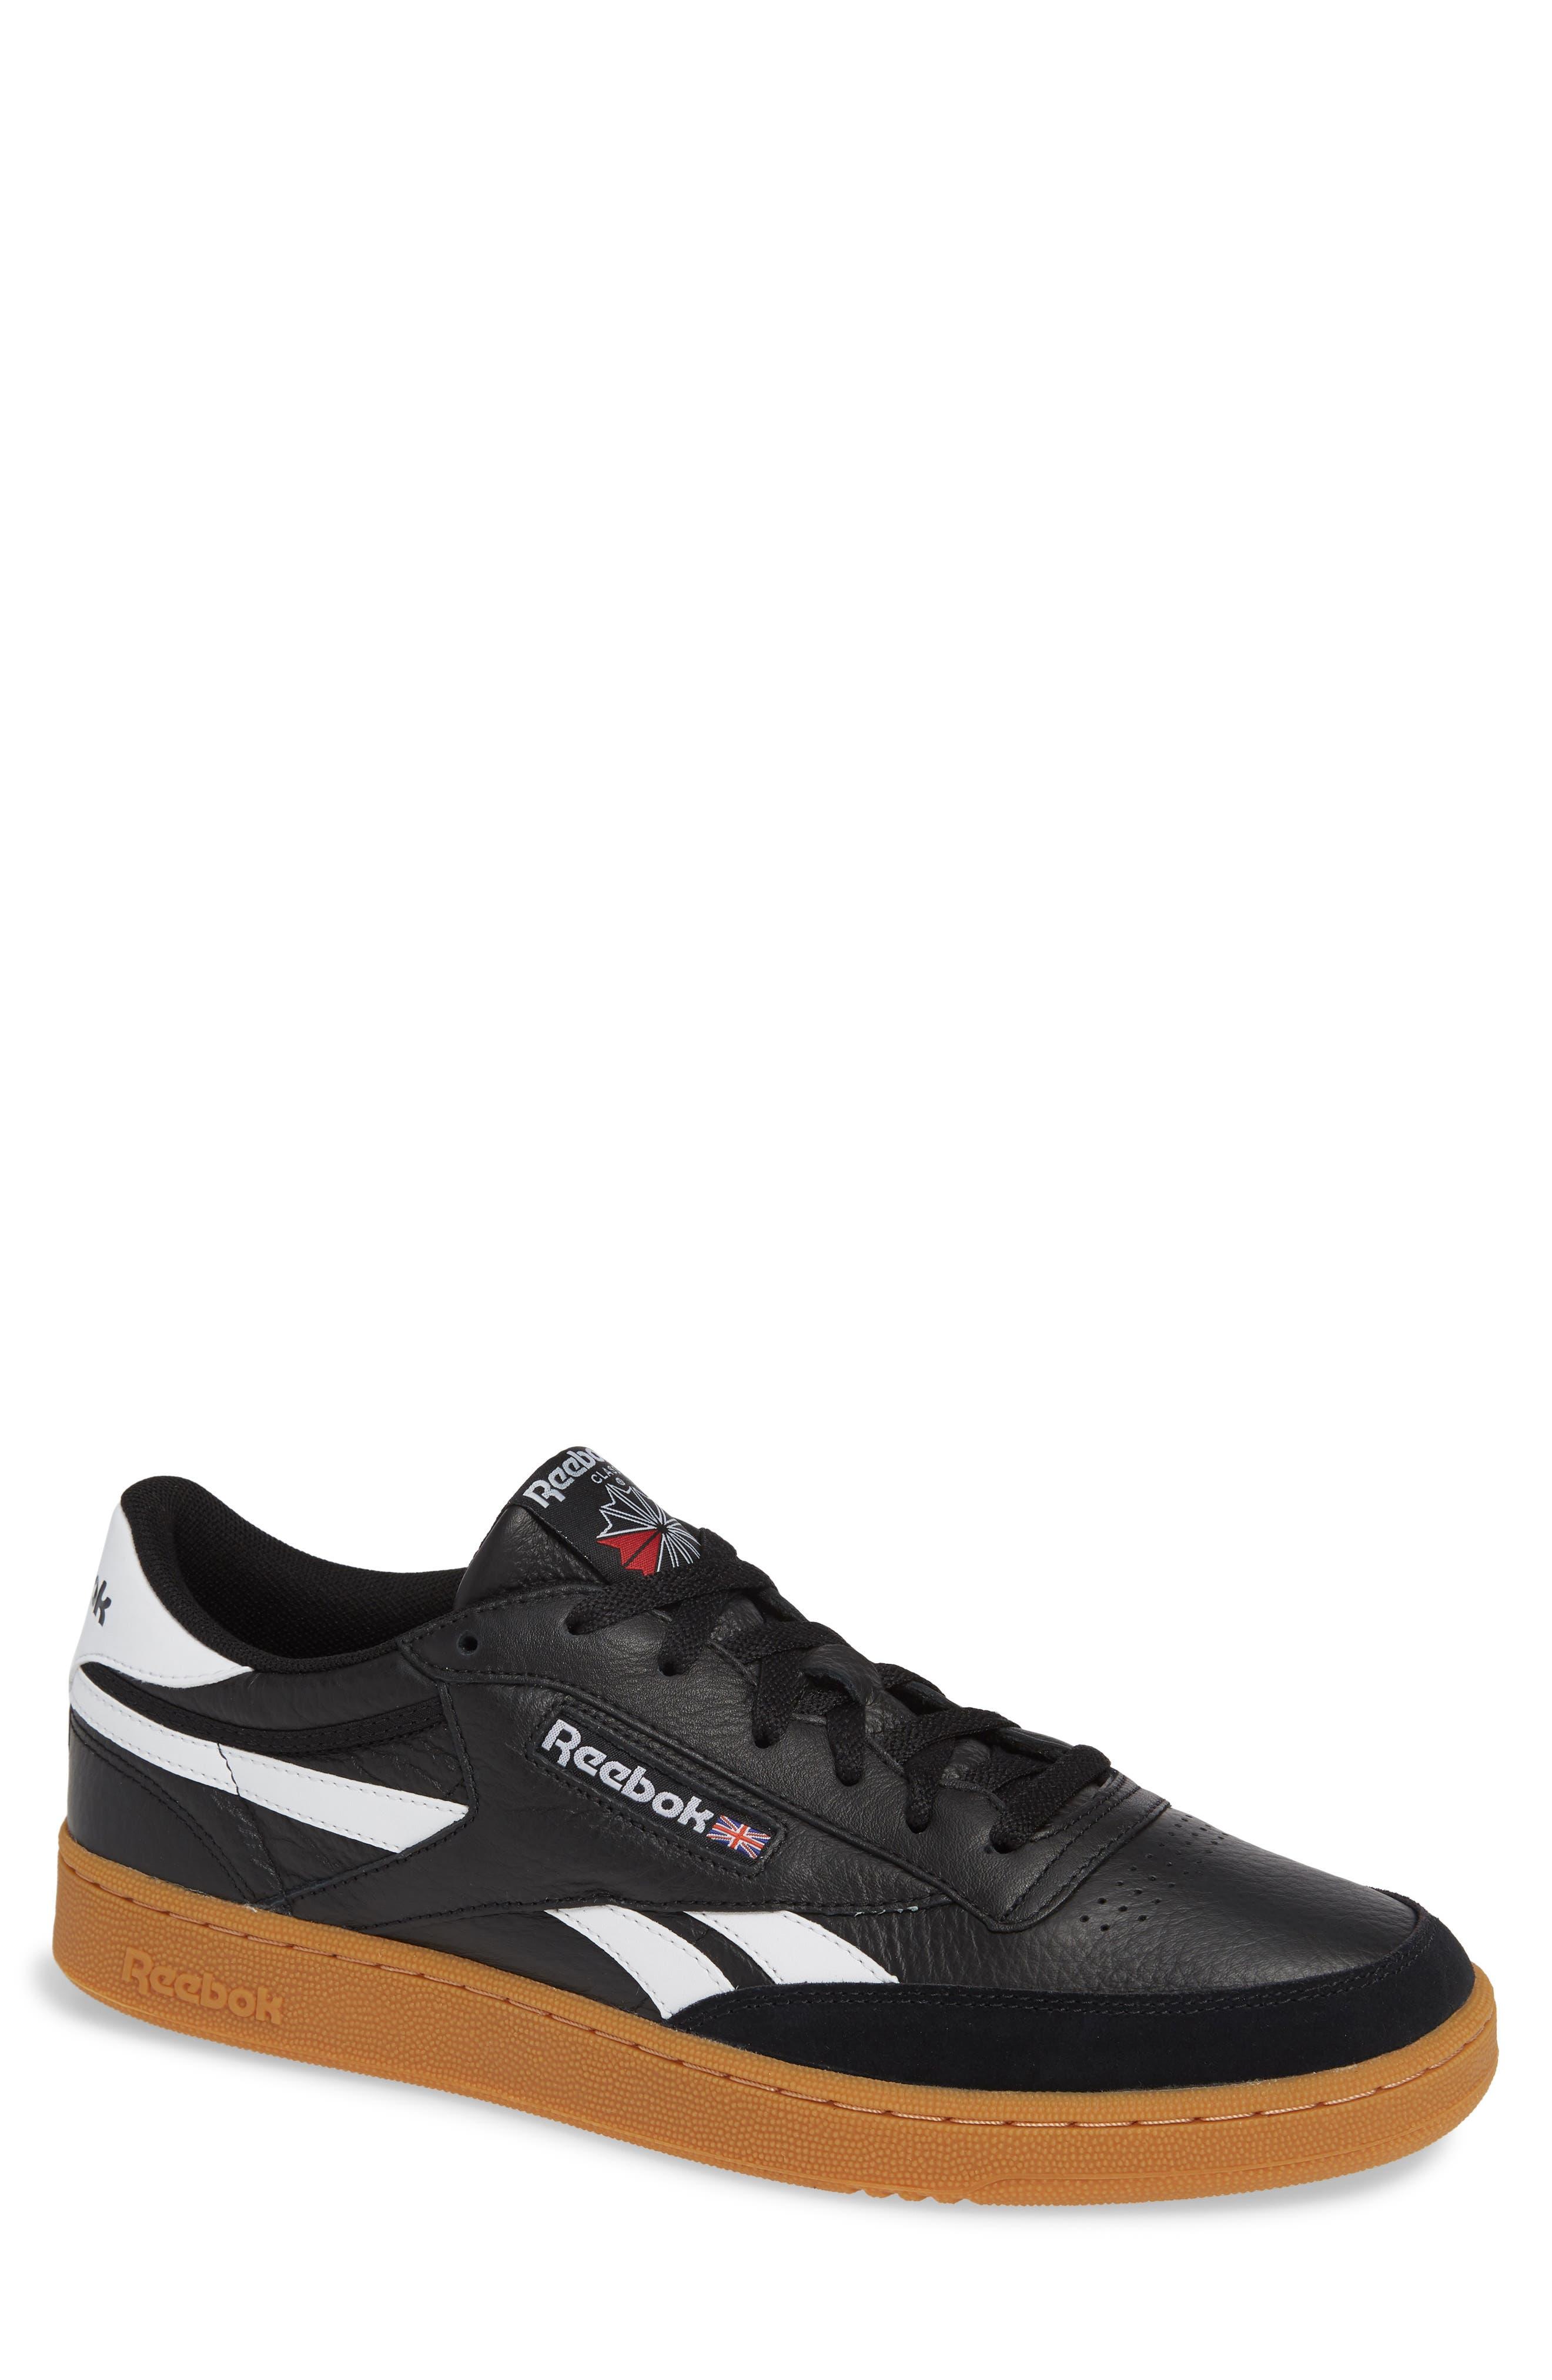 Revenge Plus Sneaker,                         Main,                         color, BLACK/ WHITE/ GUM